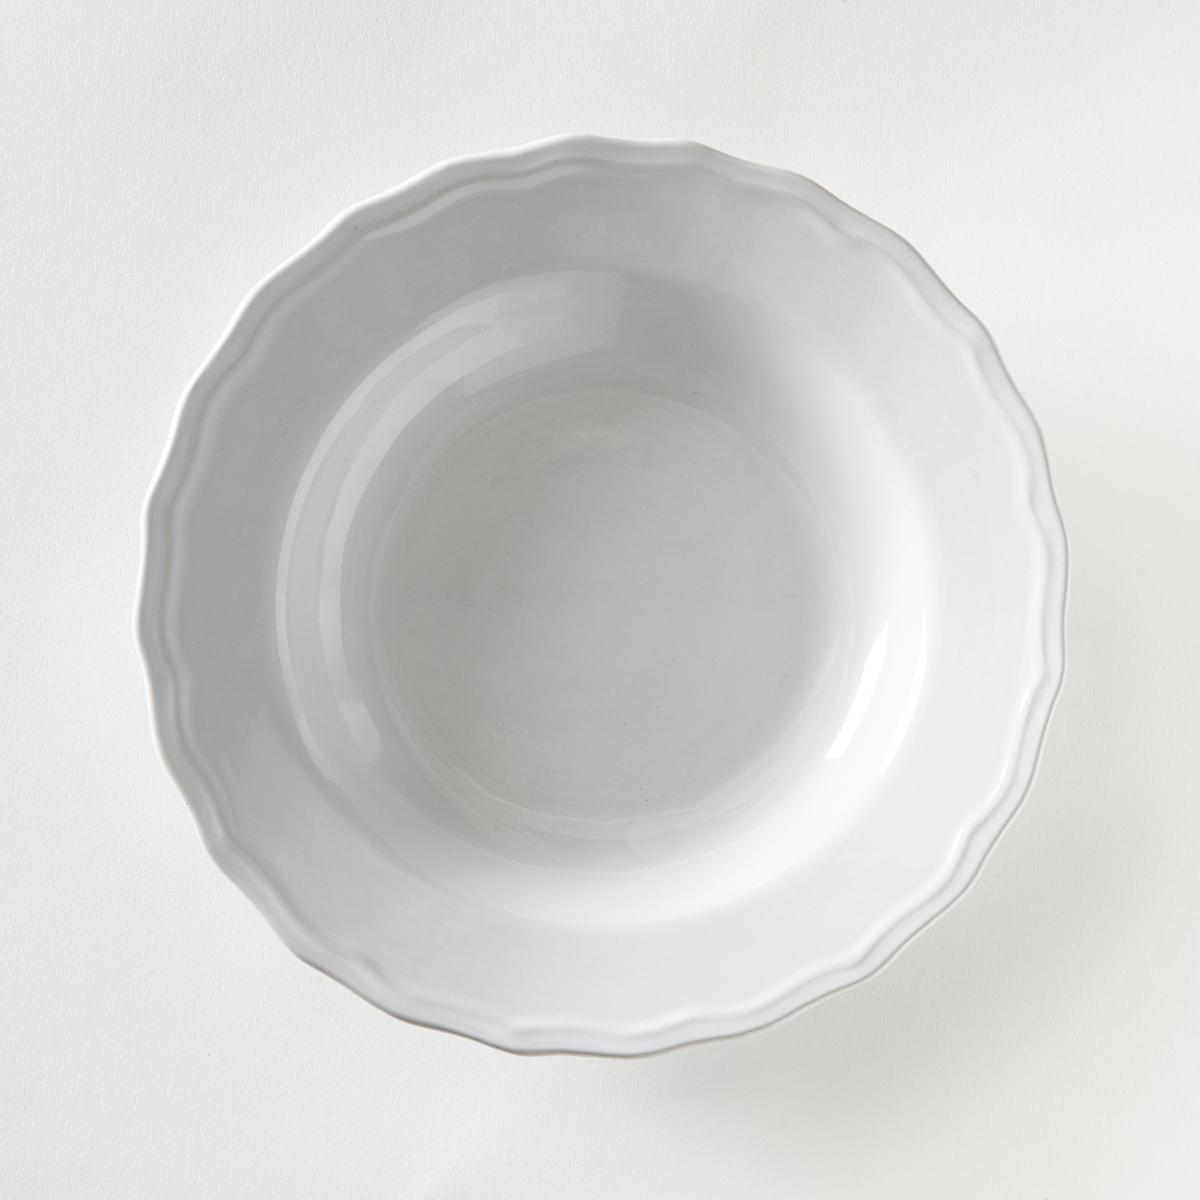 4 тарелки глубокие с отделкой фестоном, Ajila4 тарелки глубокие с отделкой фестоном Ajila . Завтрак, обед или ужин, La Redoute Int?rieurs Вас приглашает к столу.Характеристики 4 тарелок глубоких с отделкой фестоном Ajila  :- Из фаянса, зубчатая кромка.- Диаметр 20,5 см  .- Можно использовать в посудомоечных машинах и микроволновых печах.Плоские, десертные тарелки, чашки, кружки и блюдца Ajila продаются на нашем сайте.<br><br>Цвет: белый,серо-коричневый<br>Размер: единый размер